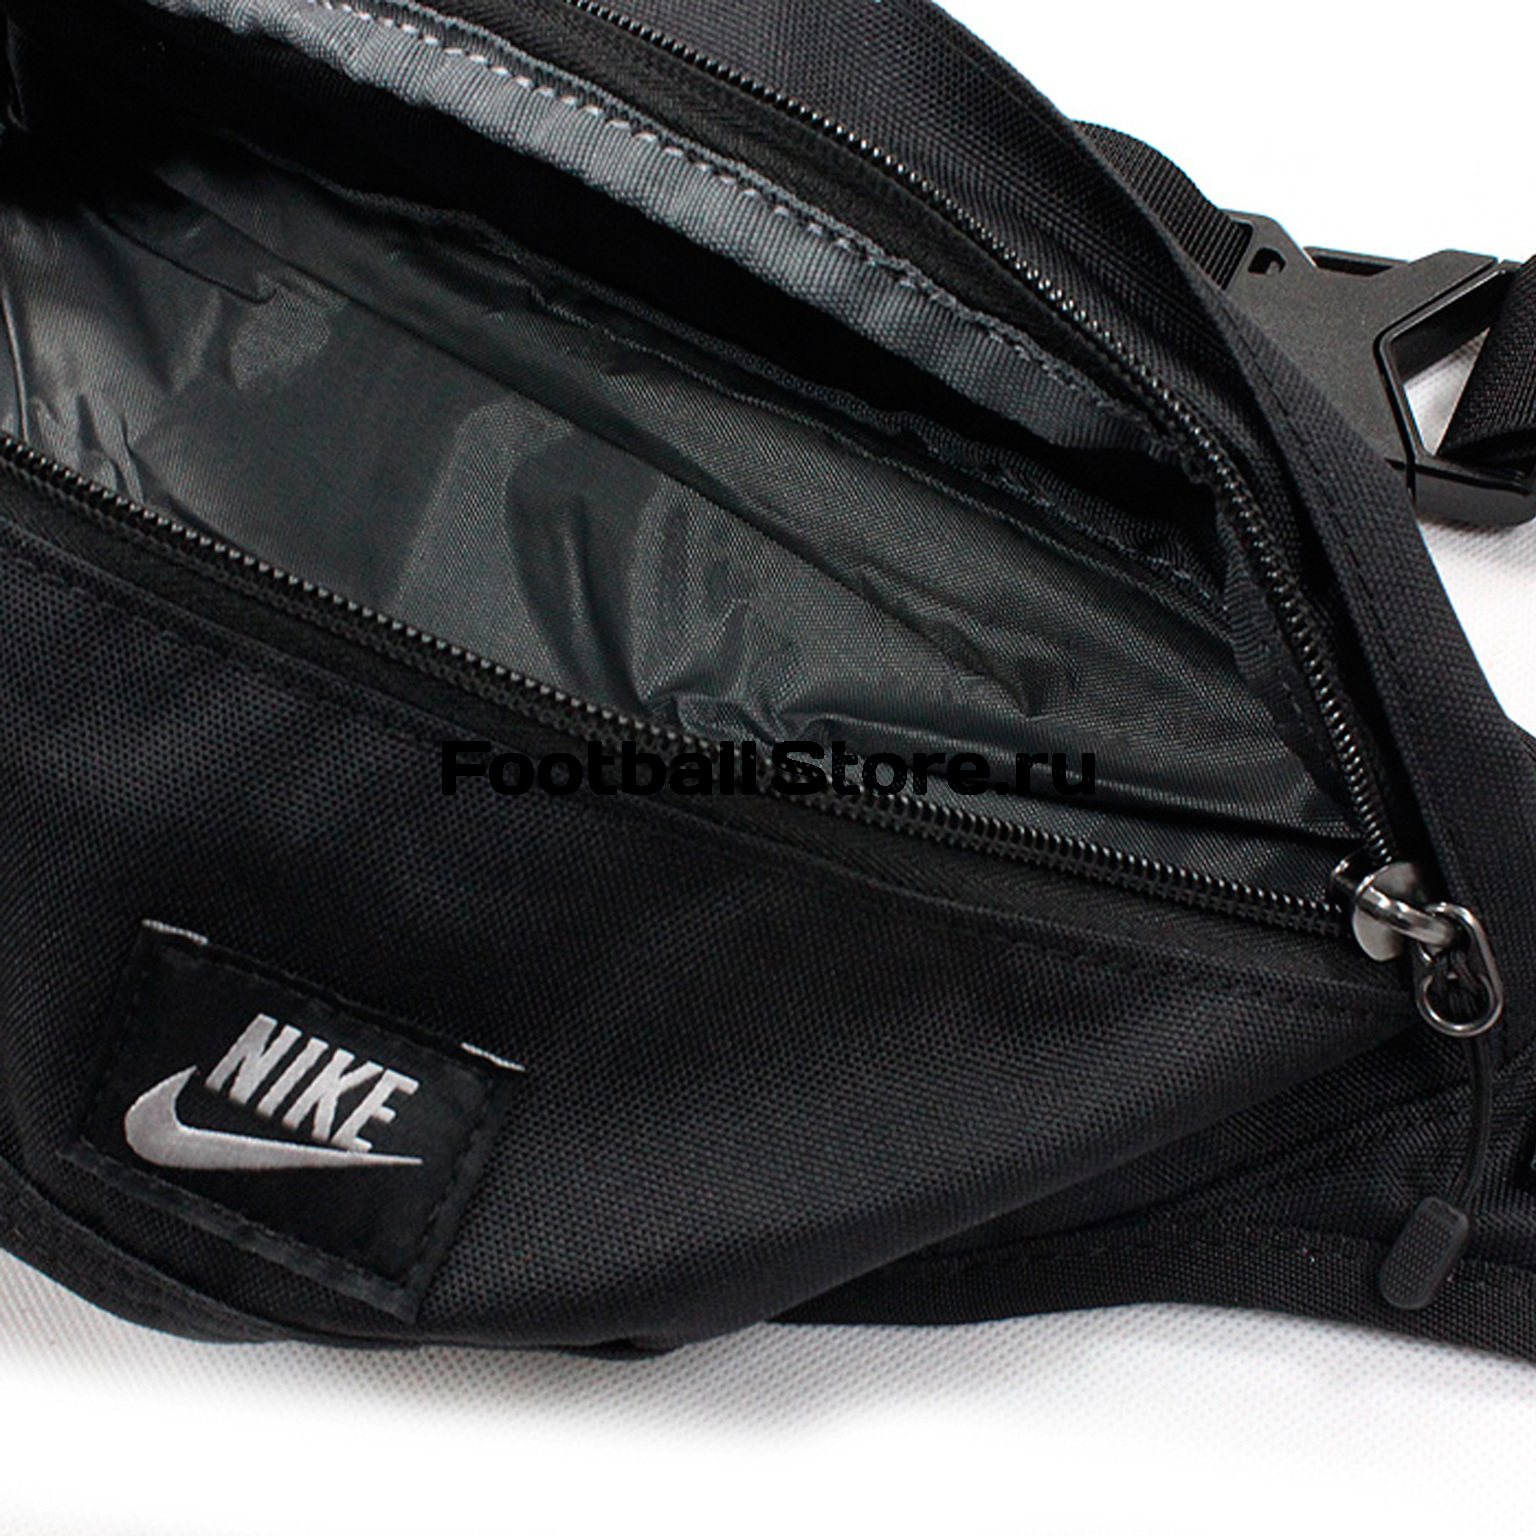 6ba39d56 Сумка Nike Hood Waistpack BA4272-067 – купить в интернет магазине ...